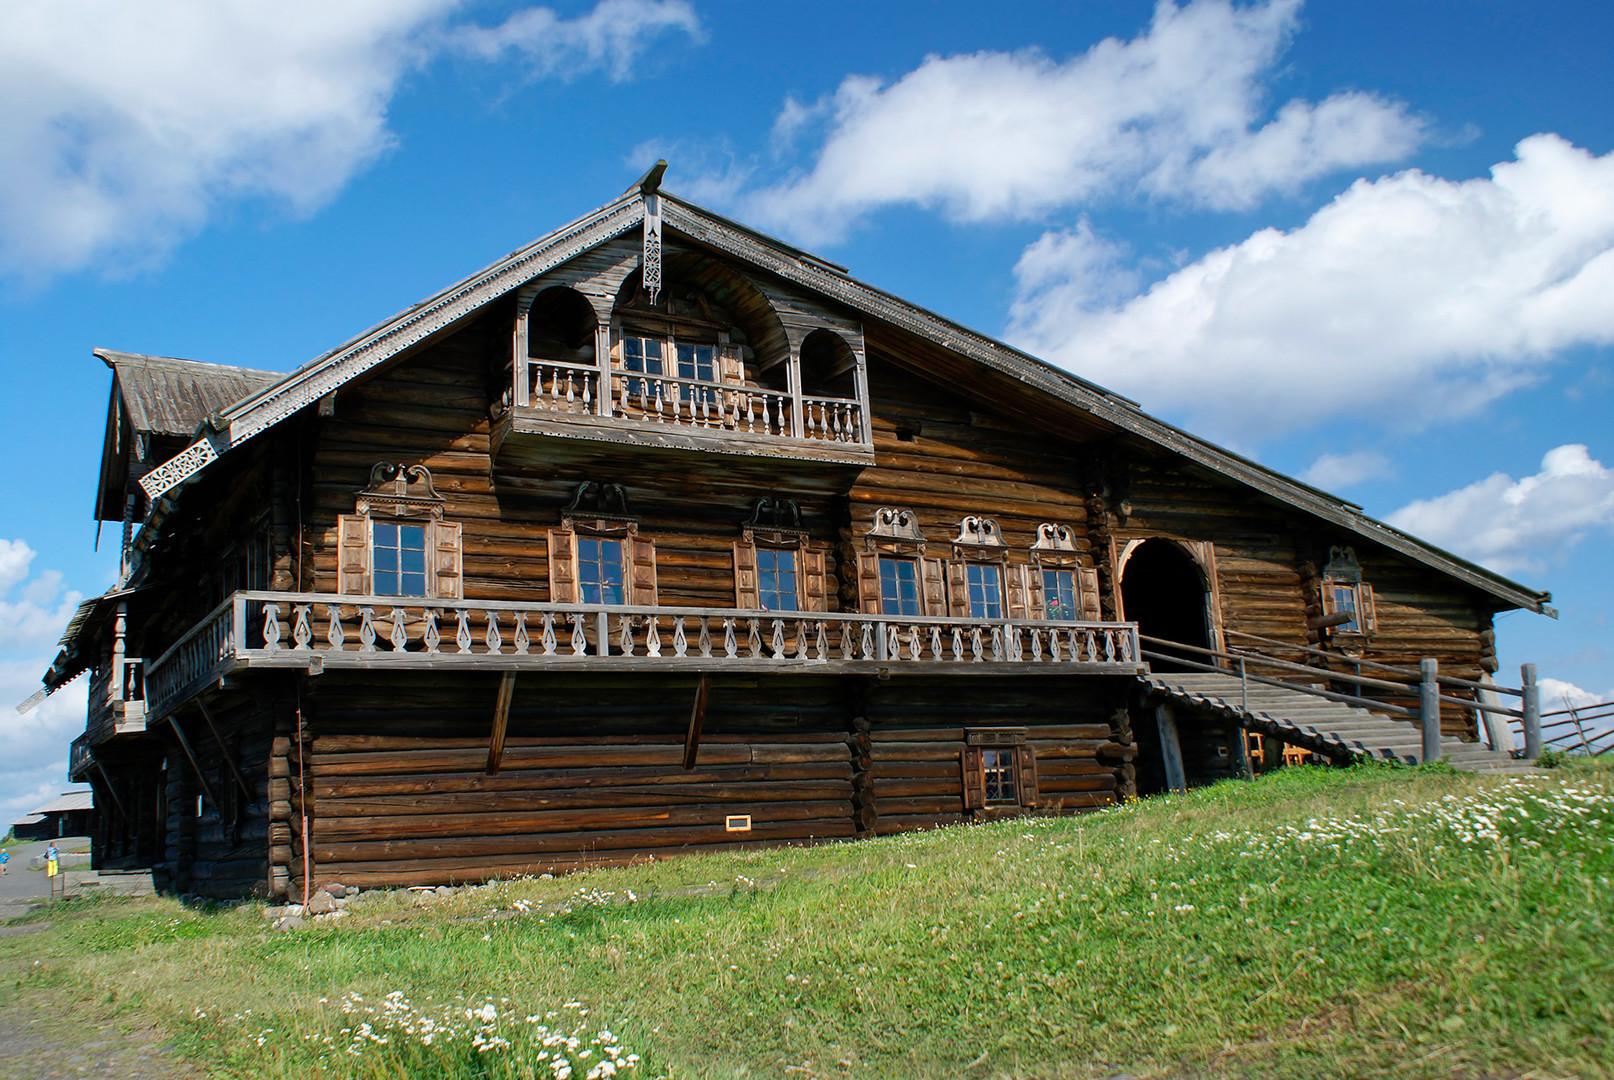 Casa de madeira em Ochenev